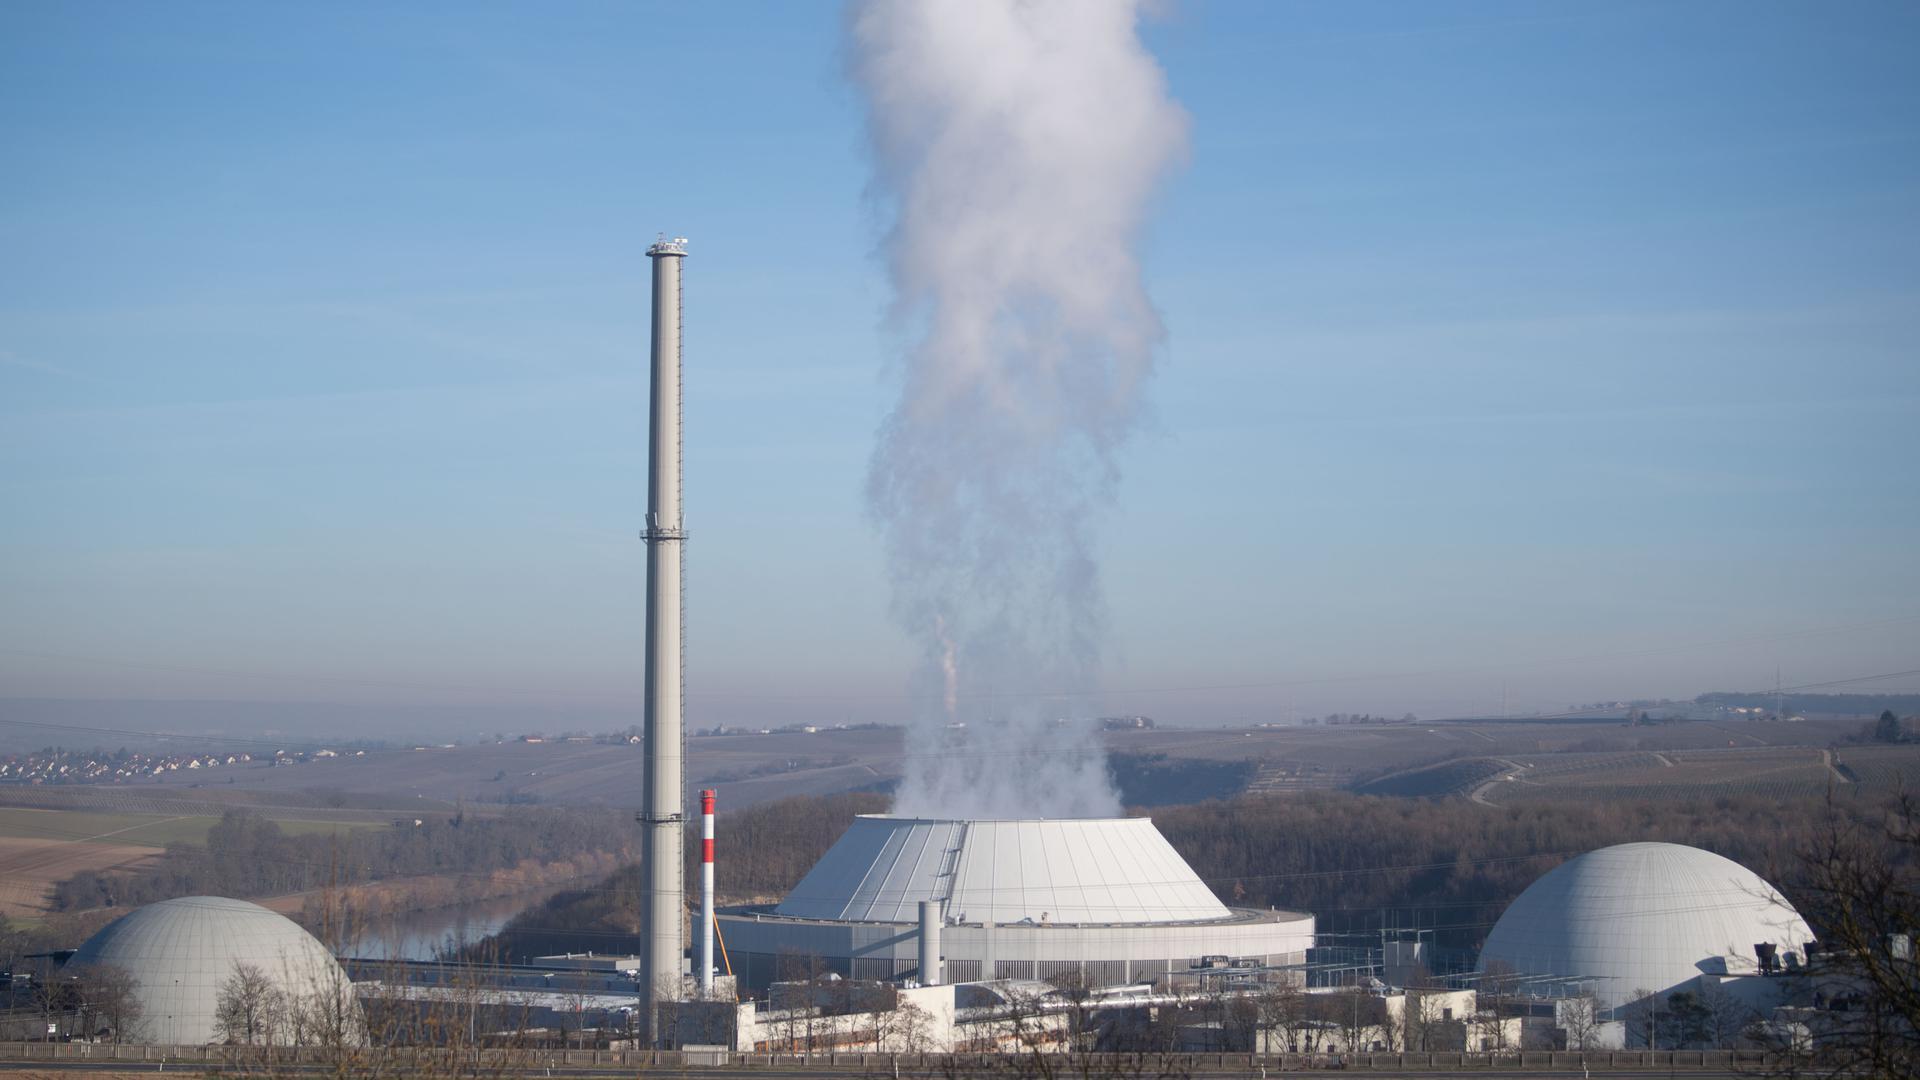 Während in Deutschland Ende 2022 die verbleibenden Kernkraftwerke - hier das AKW Neckarwestheim bei Heilbronn - abgeschaltet werden sollen, setzen die EU-Nachbarländer Frankreich und Polen voll auf die Kernkraft.